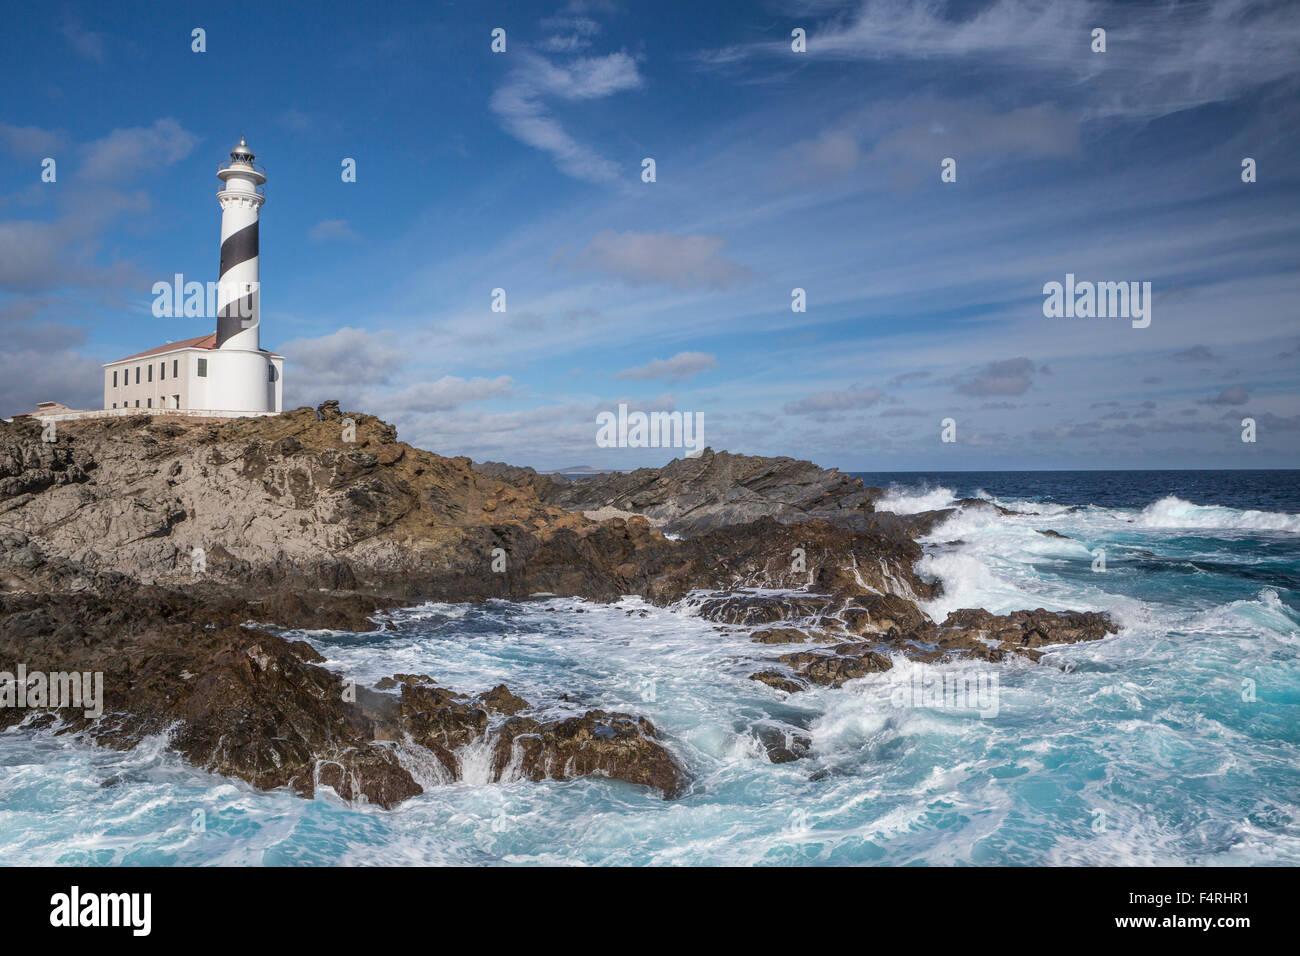 Balearen, Favaritx, Landschaft, Menorca, Balearen, Spanien, Europa, Frühling, Architektur, Insel, Leuchtturm, Stockbild